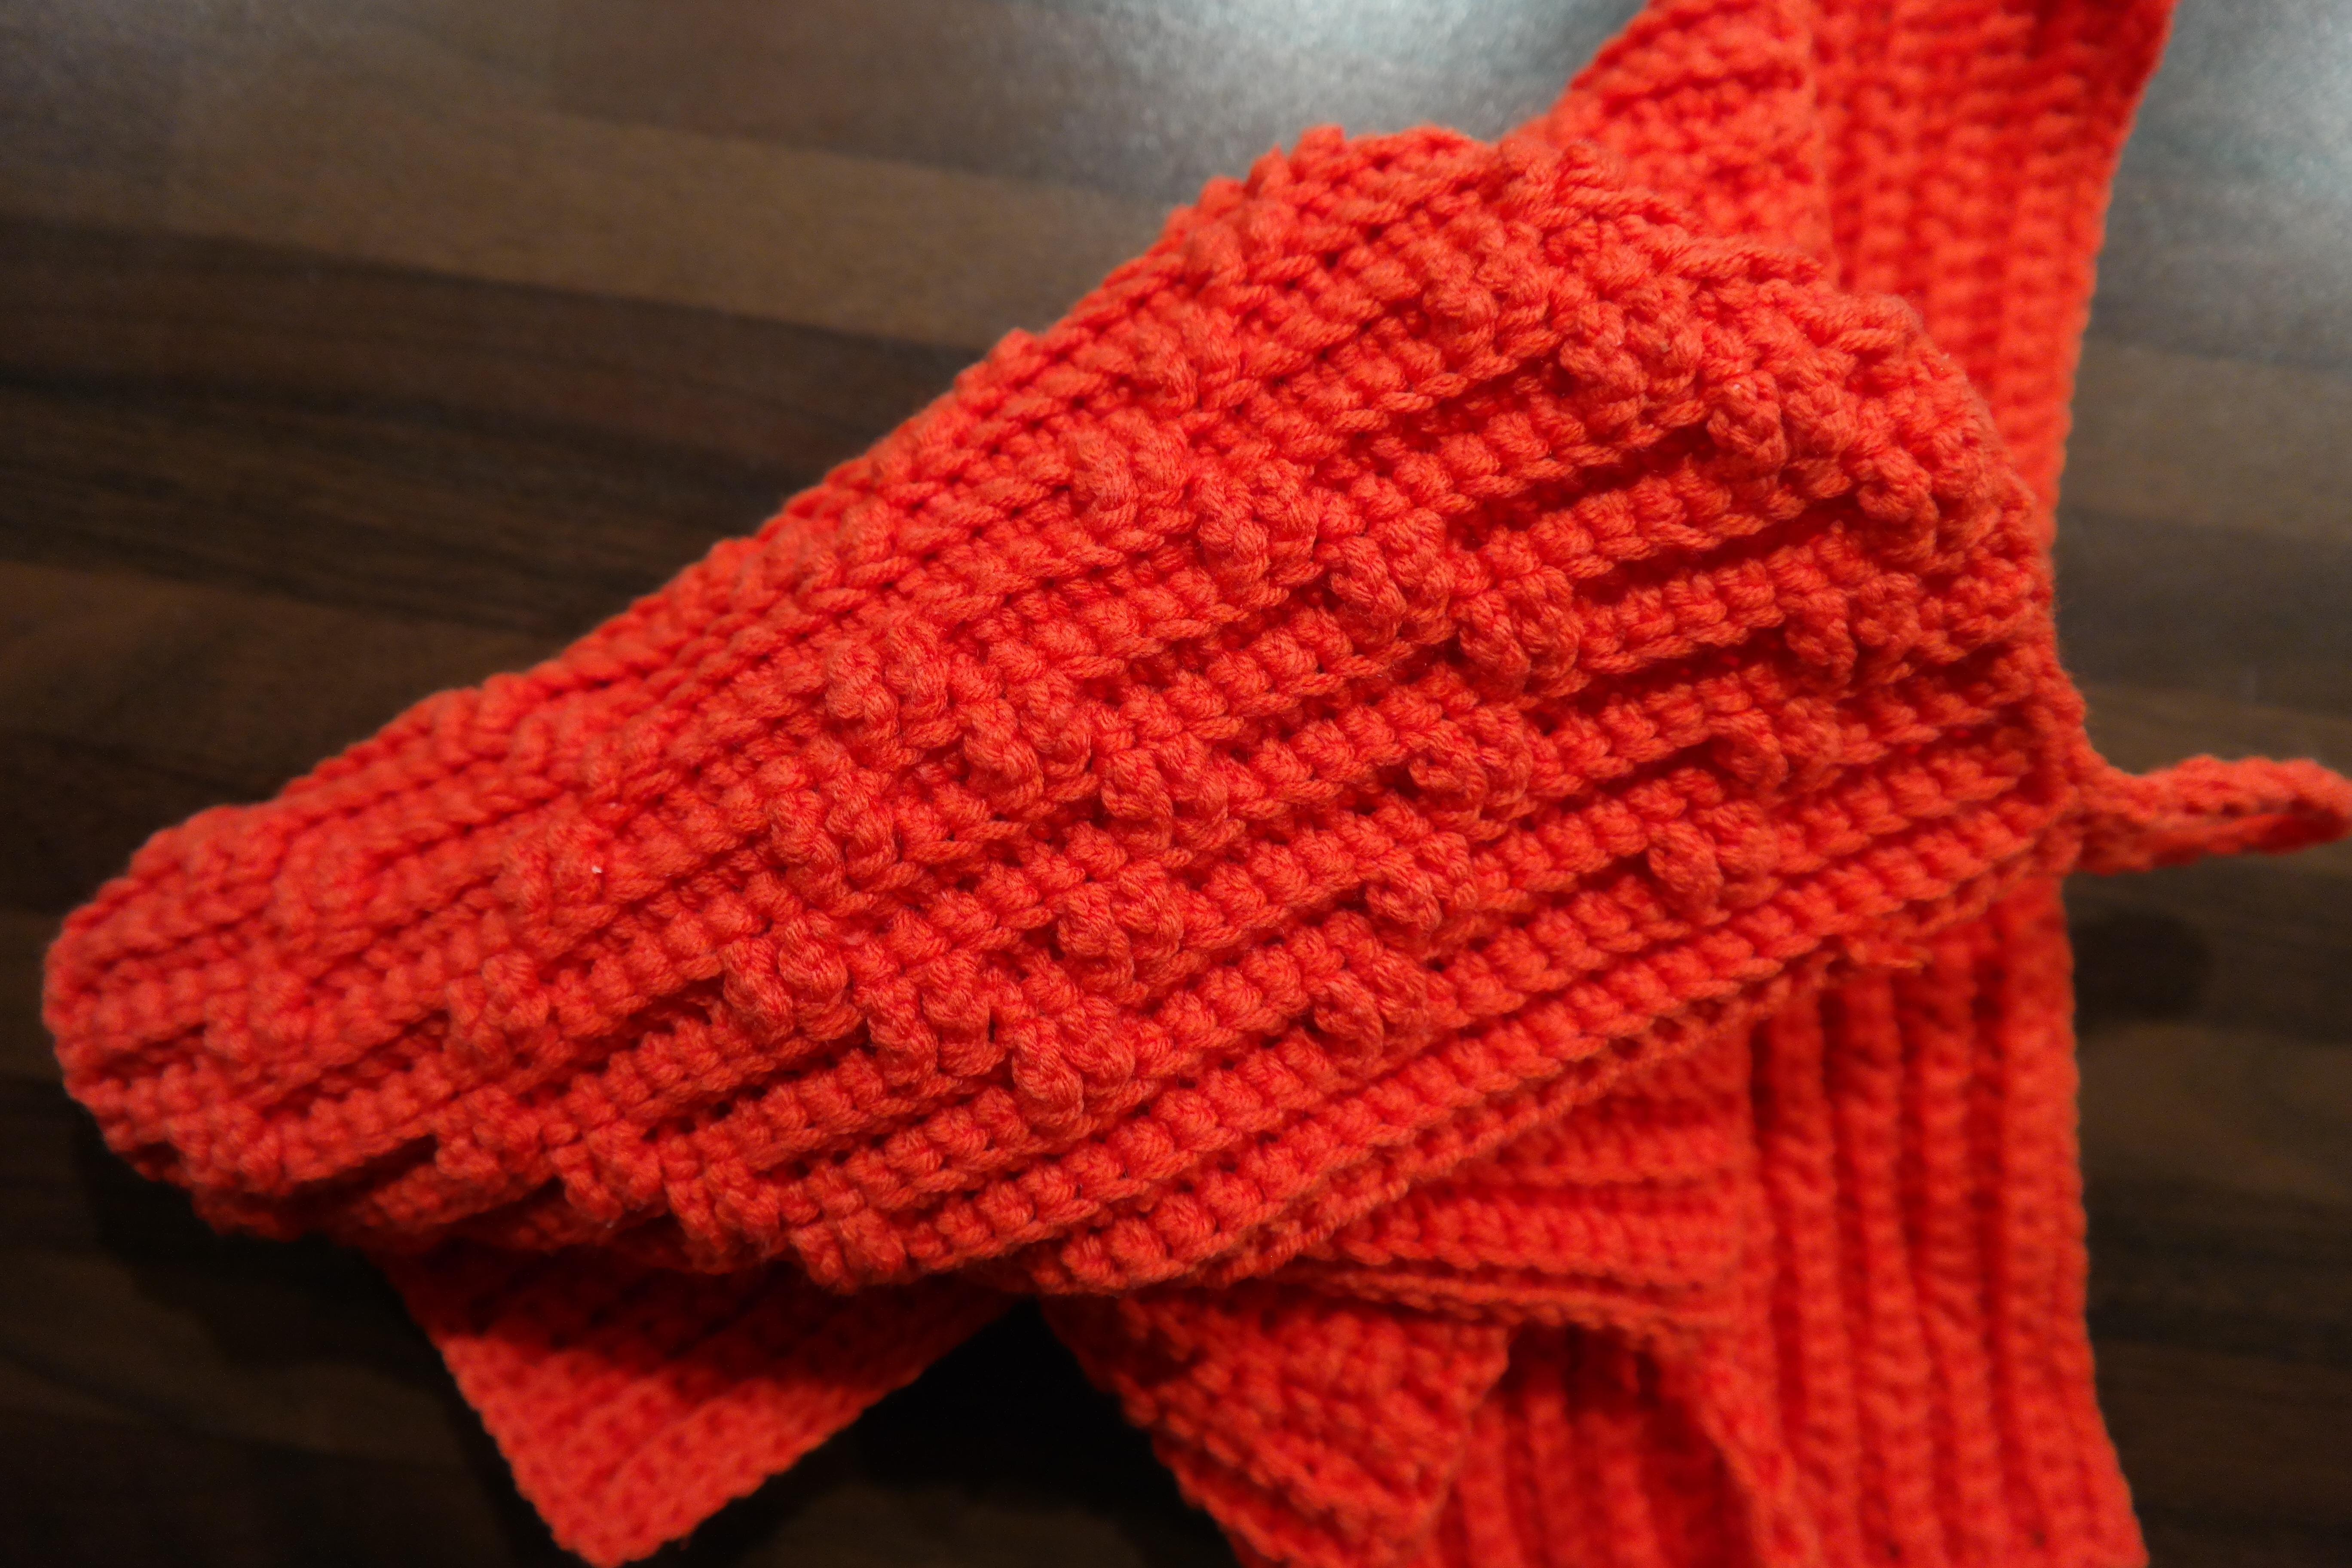 Fotos gratis : patrón, rojo, ropa, tela, de lana, tejer, tejido de ...